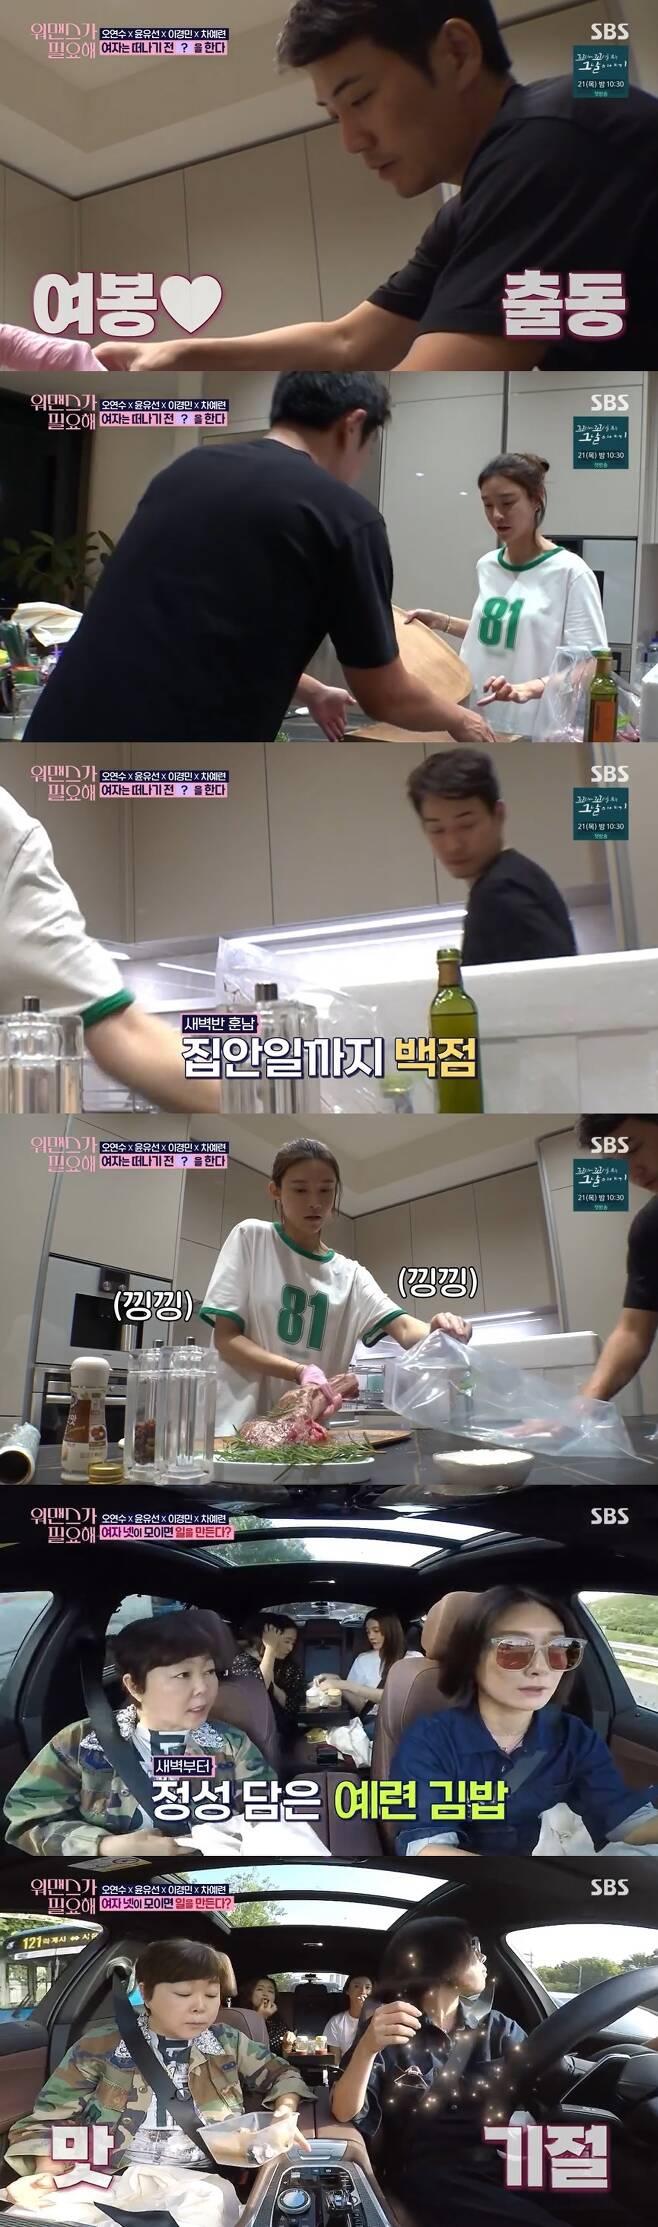 SBS '워맨스가 필요해' 캡처 © 뉴스1